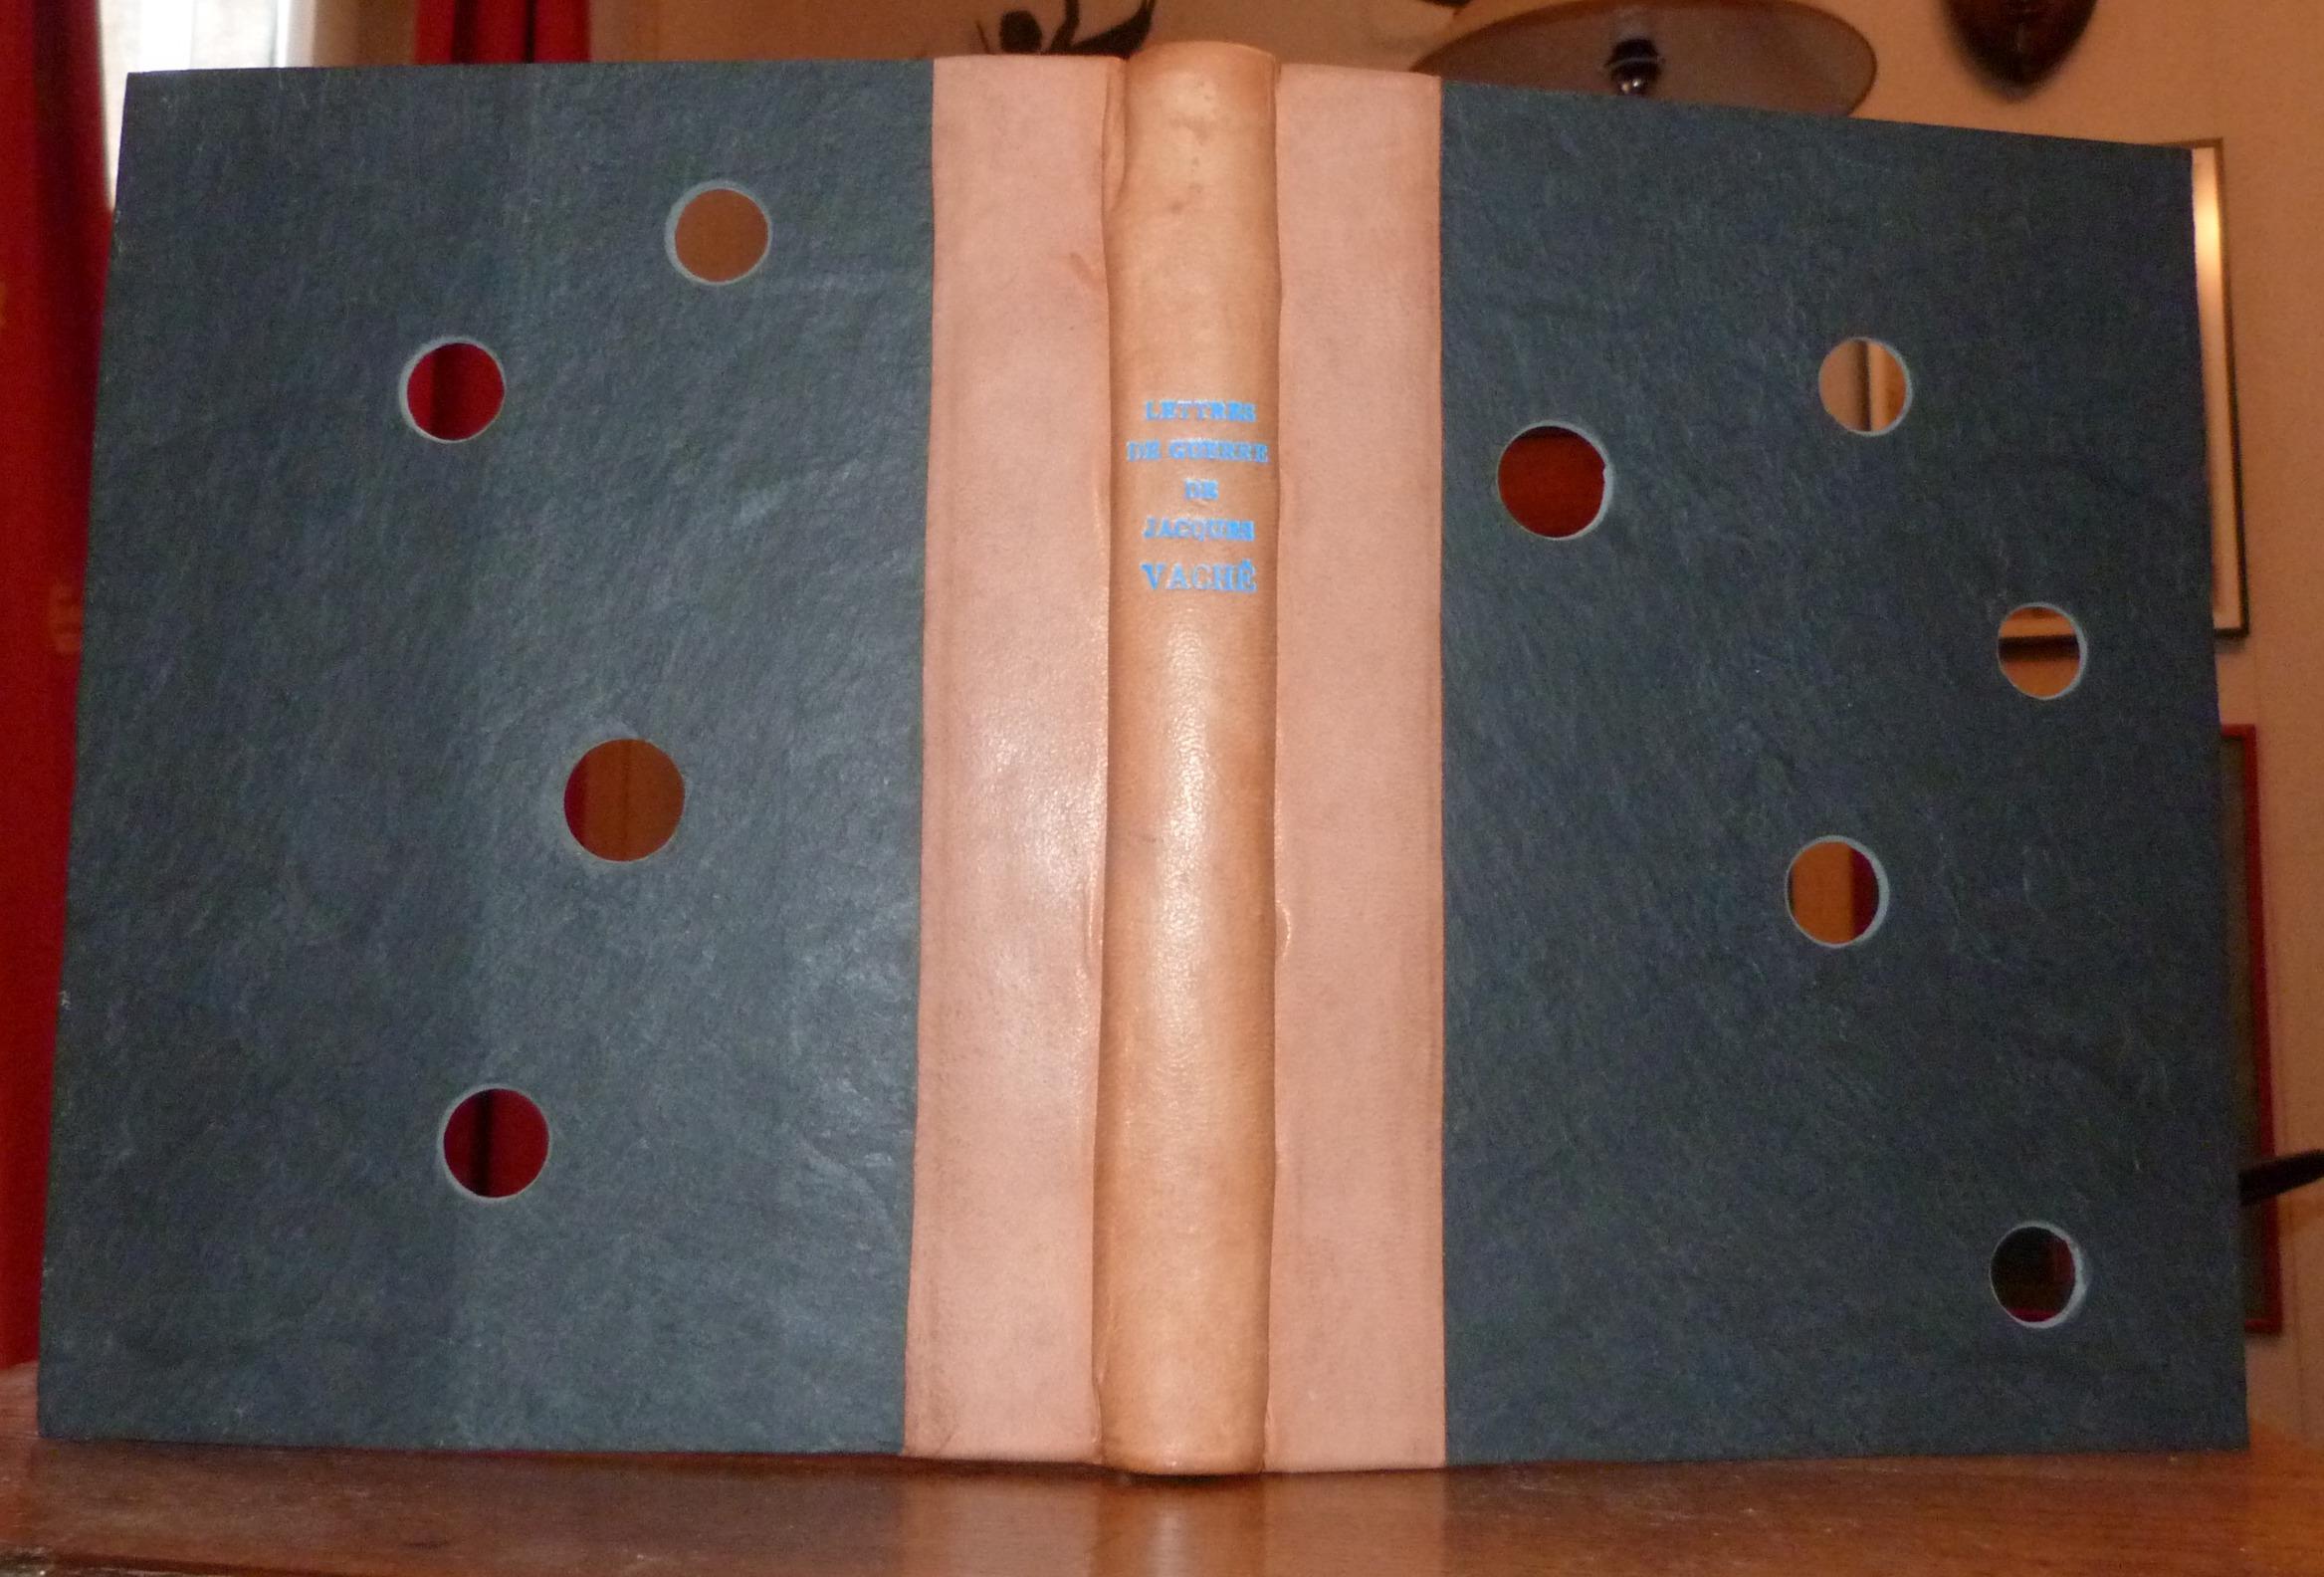 Demi-cuir beige clair, plats en ardoises percées de trous faisant apparaitre des fragments de couverture